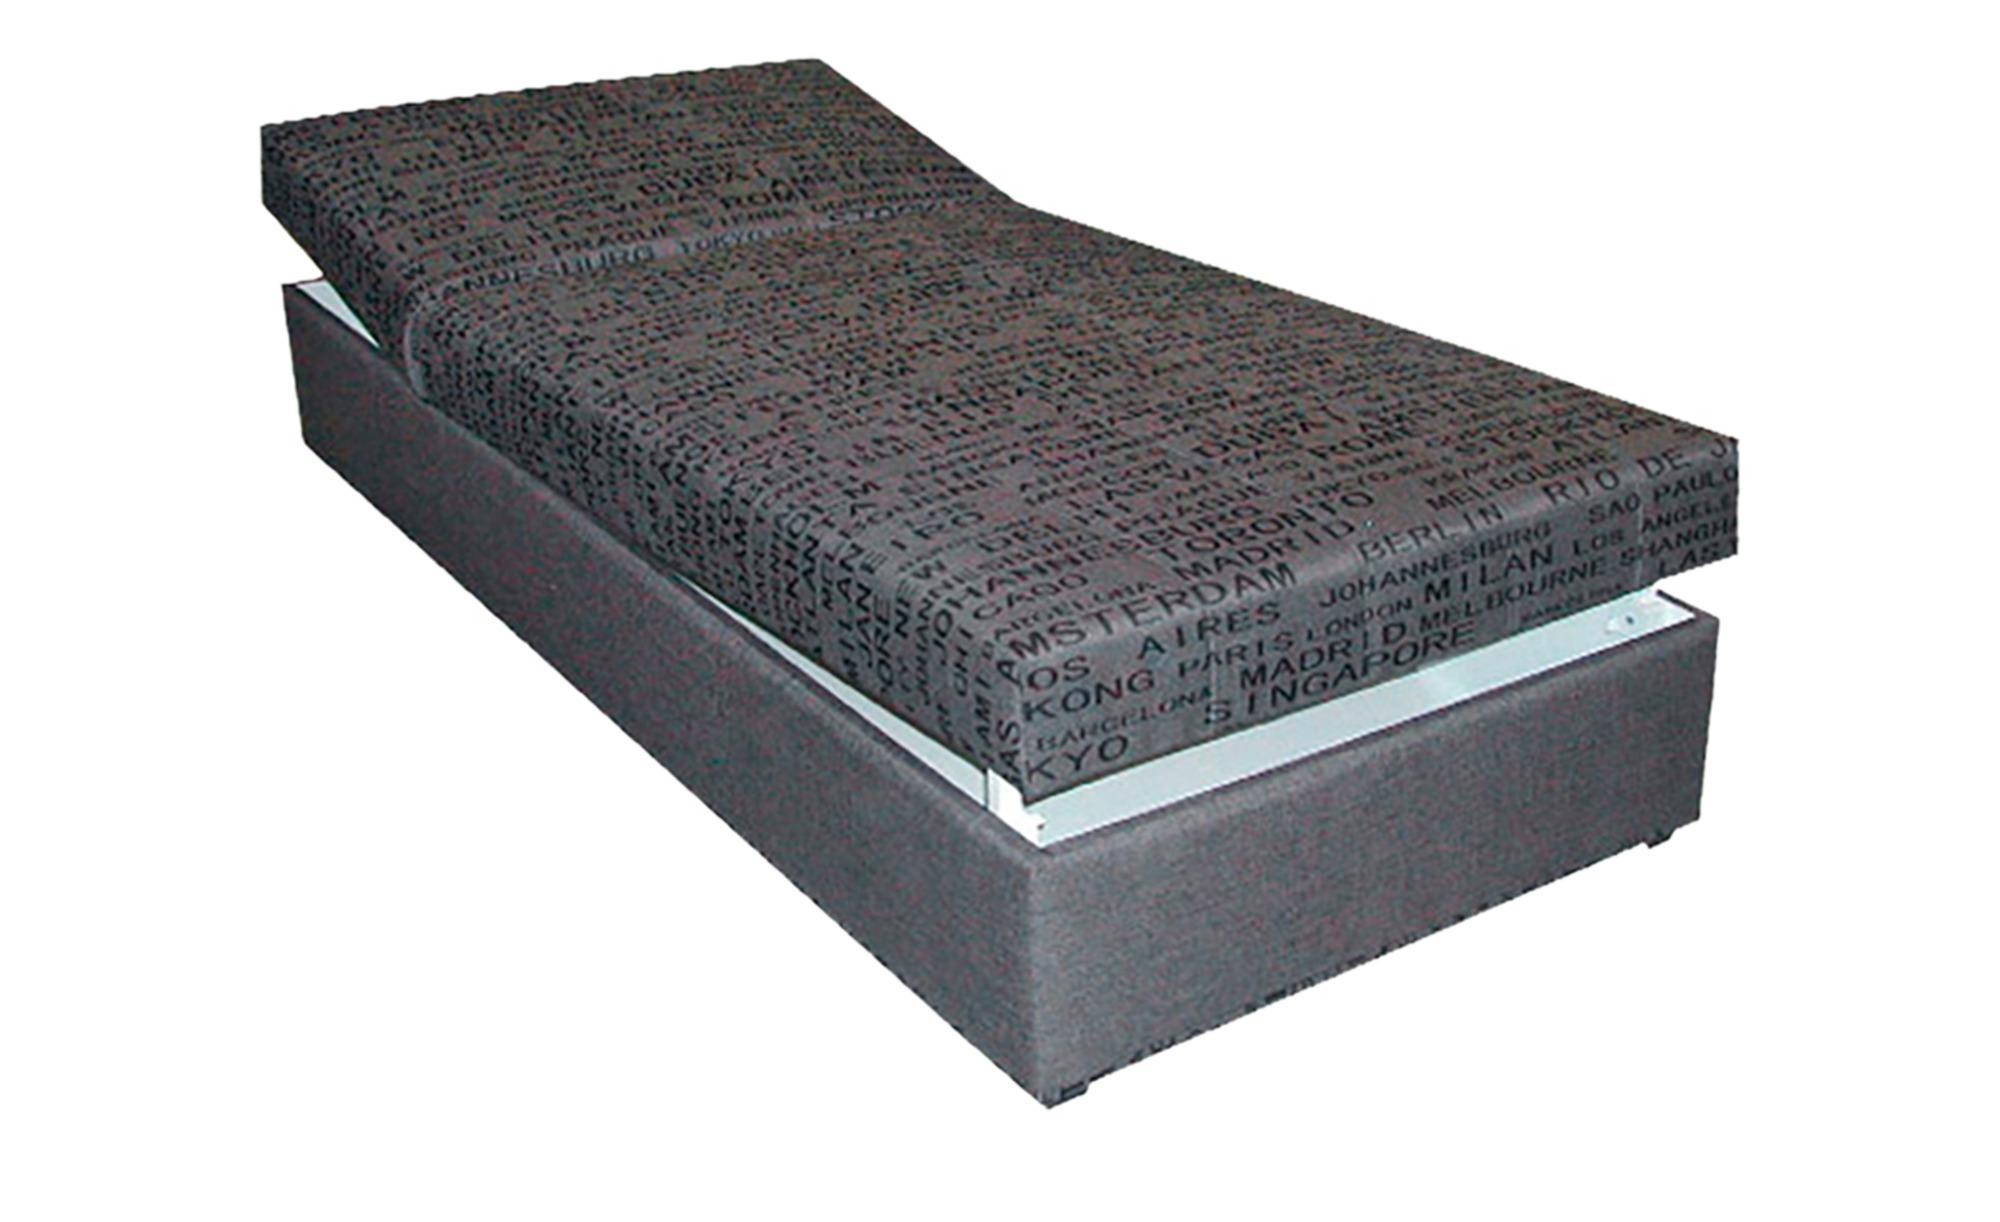 Polsterliege, Liegefläche ca. 90x200 cm  Stefi 2 - grau - 92 cm - 53 cm - 202 cm - Sconto   Schlafzimmer > Schlafsofas   Sconto